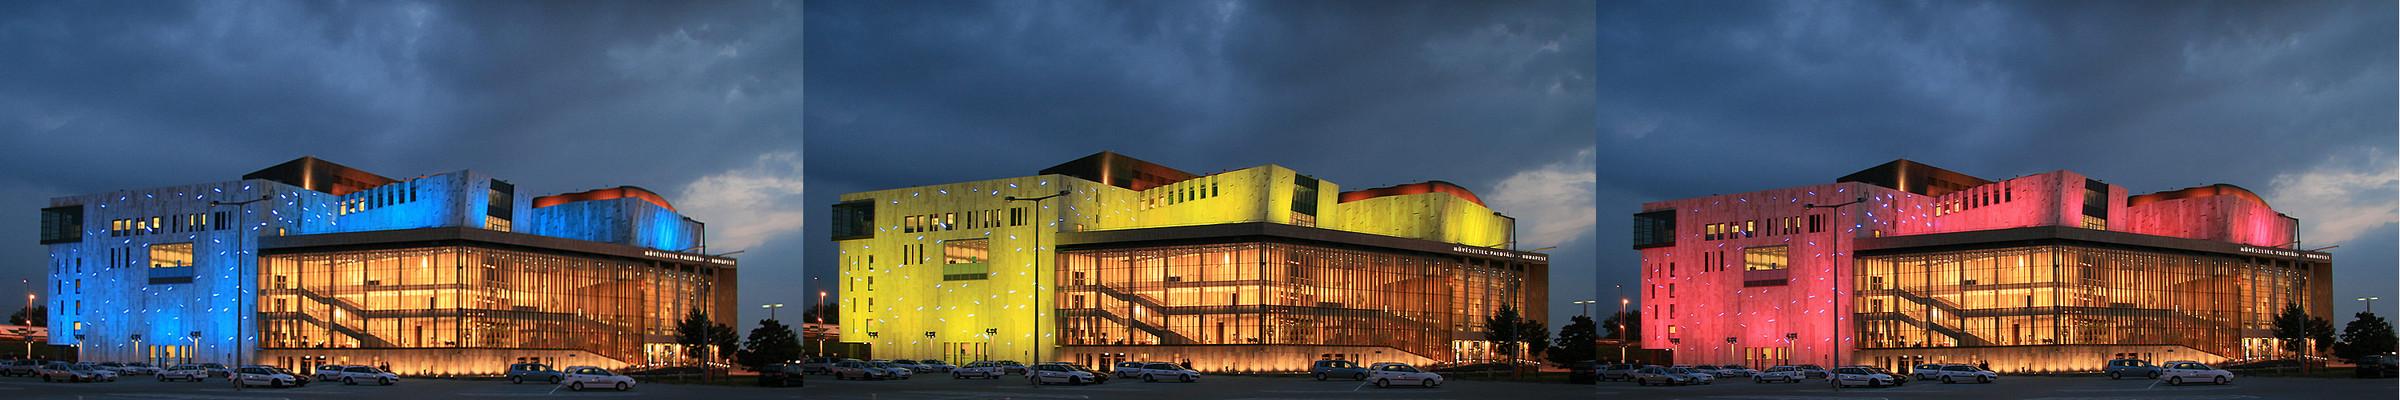 Der Palast der schönen Künste in Budapest